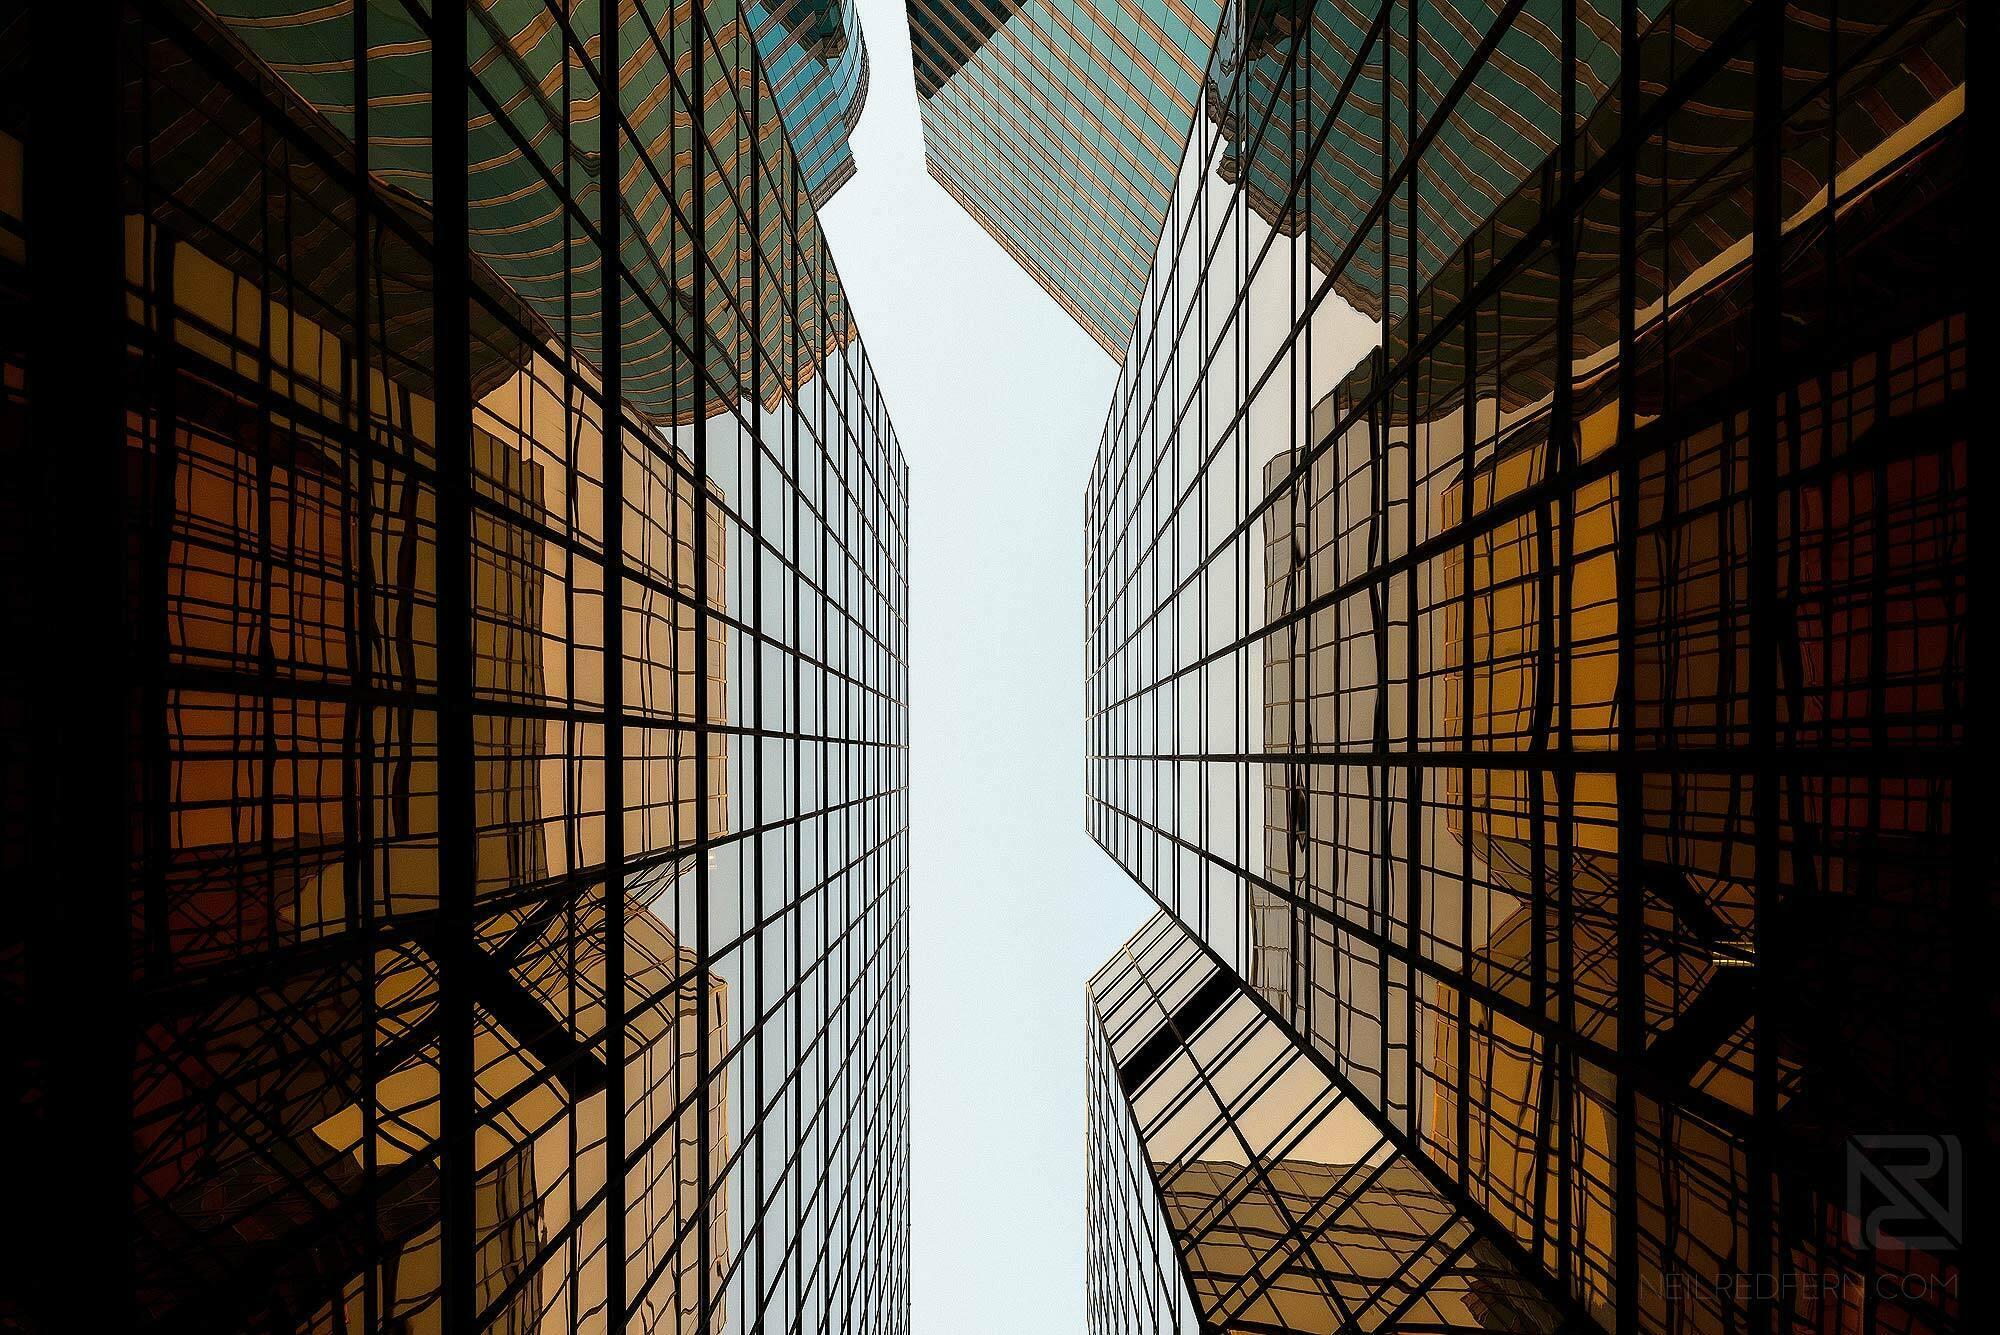 office buildings near Kowloon Park